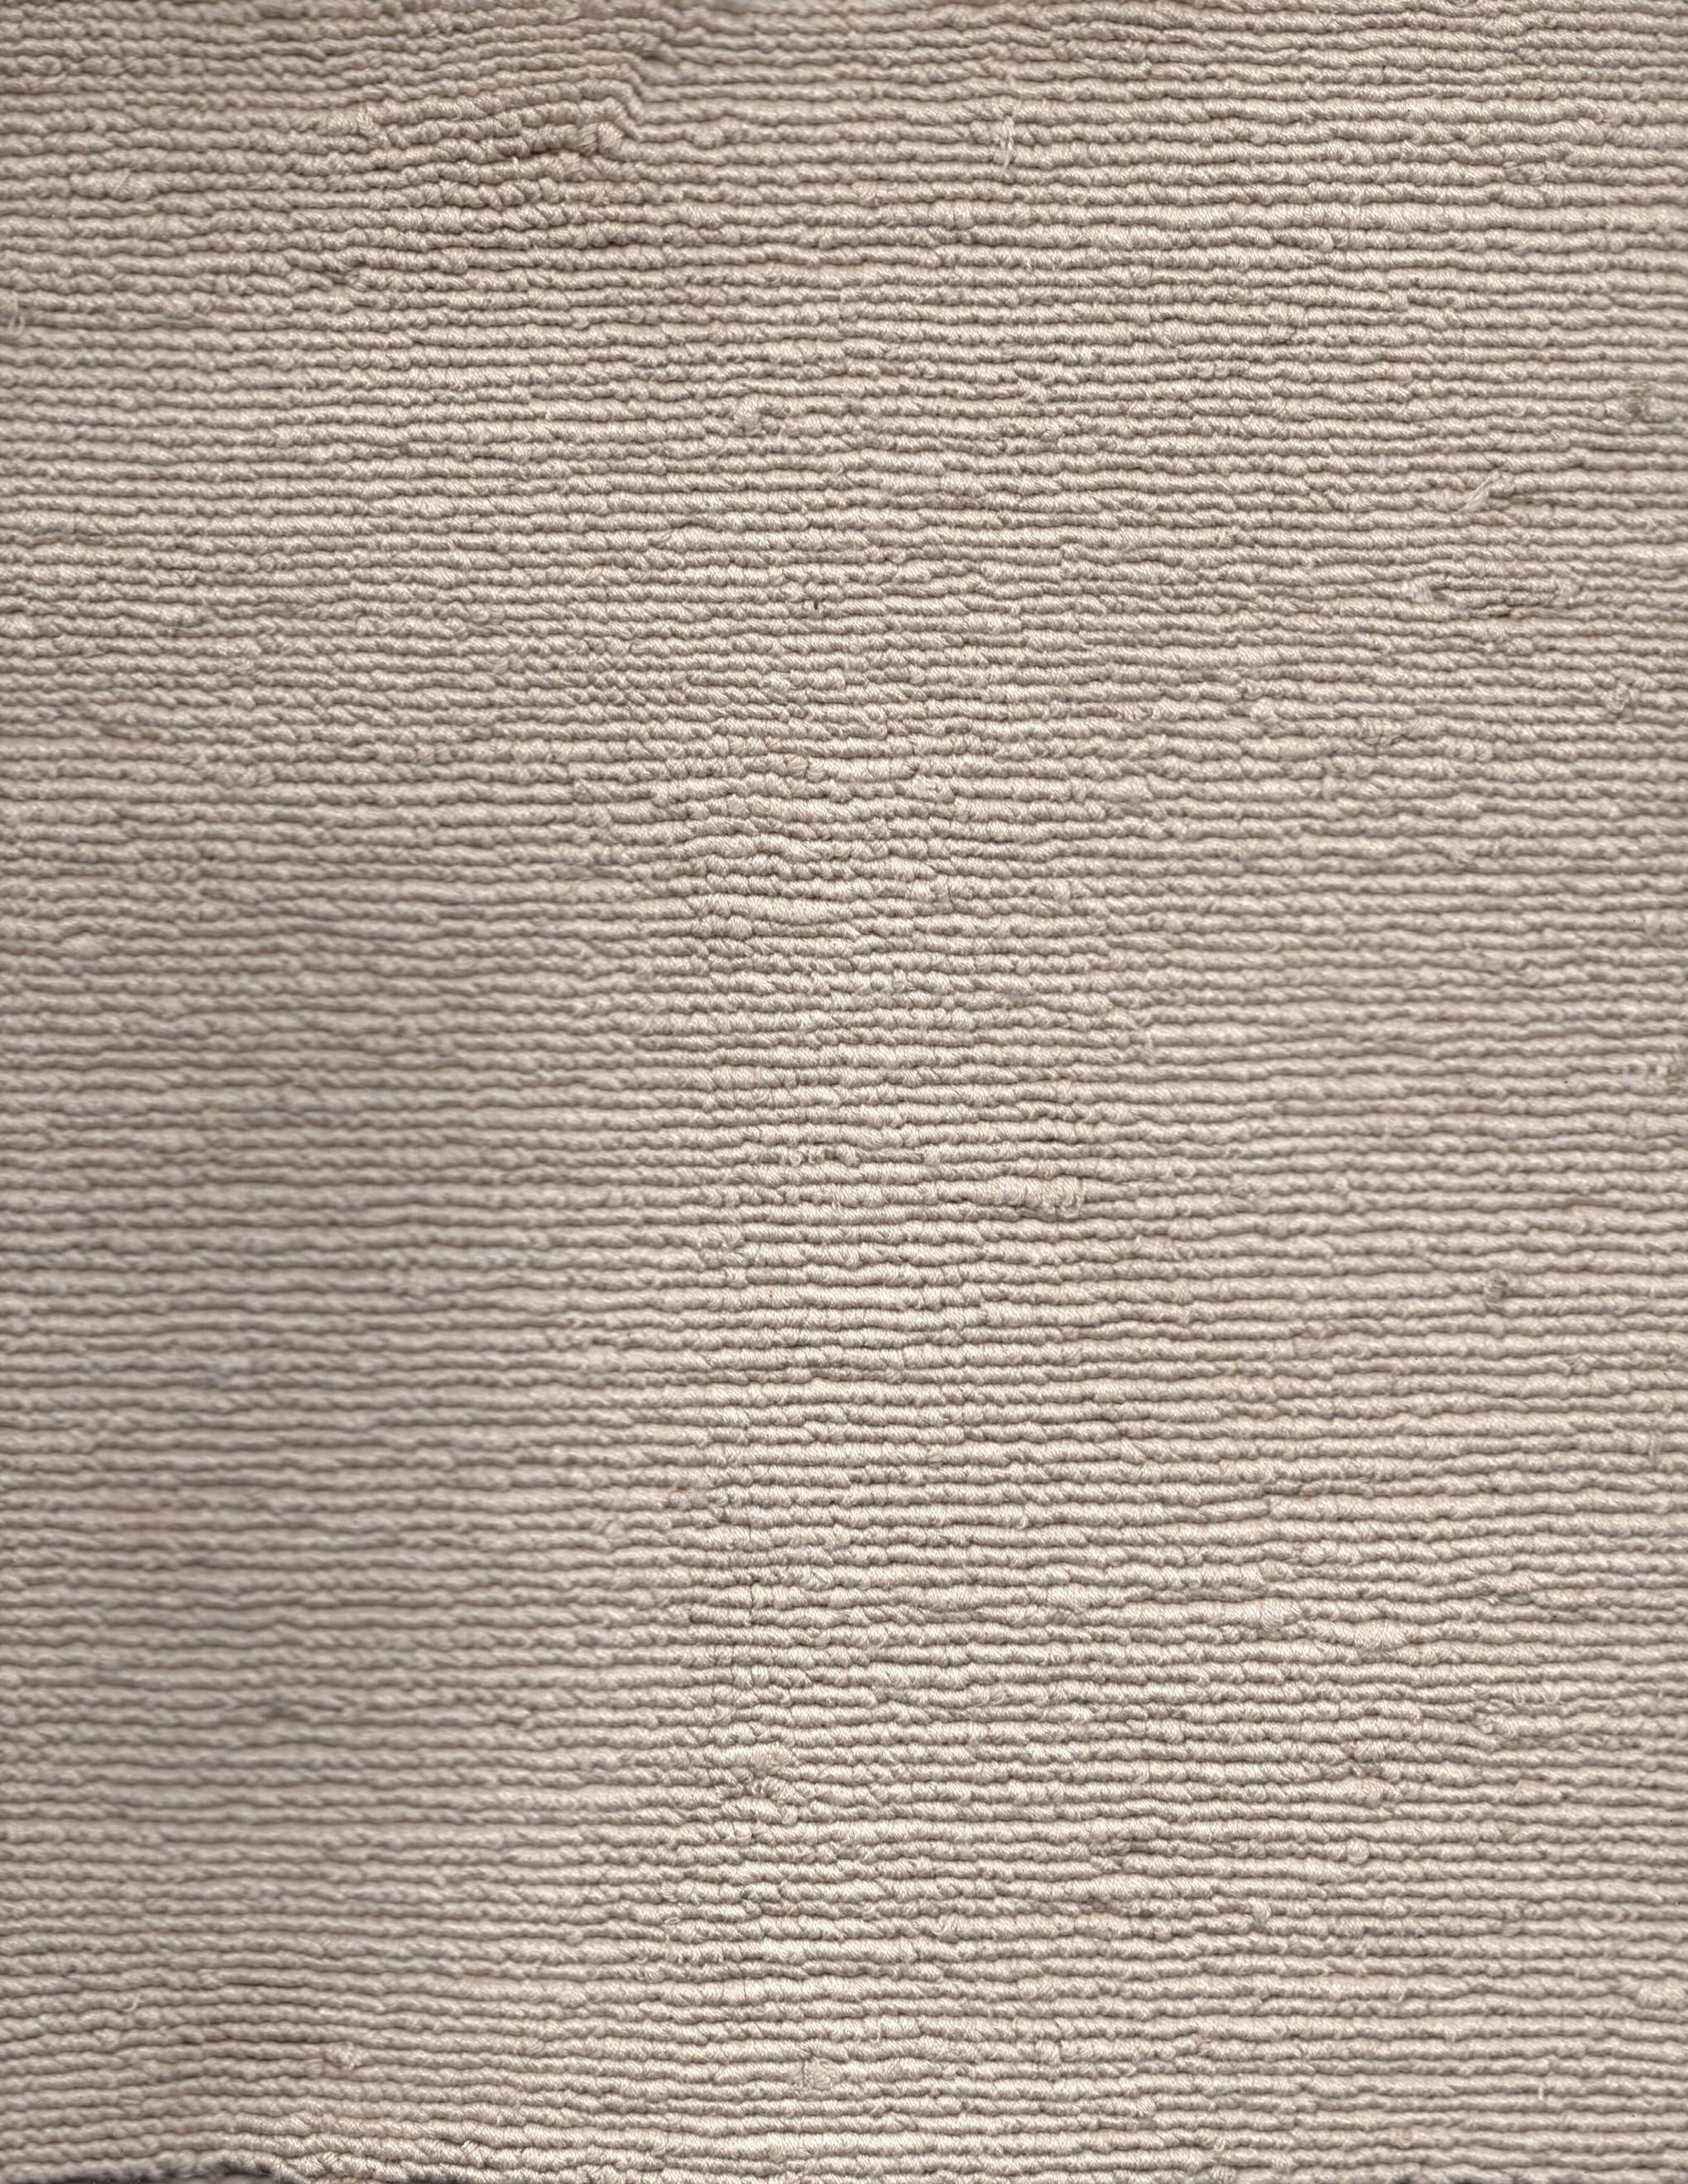 Silk Loop - 101507